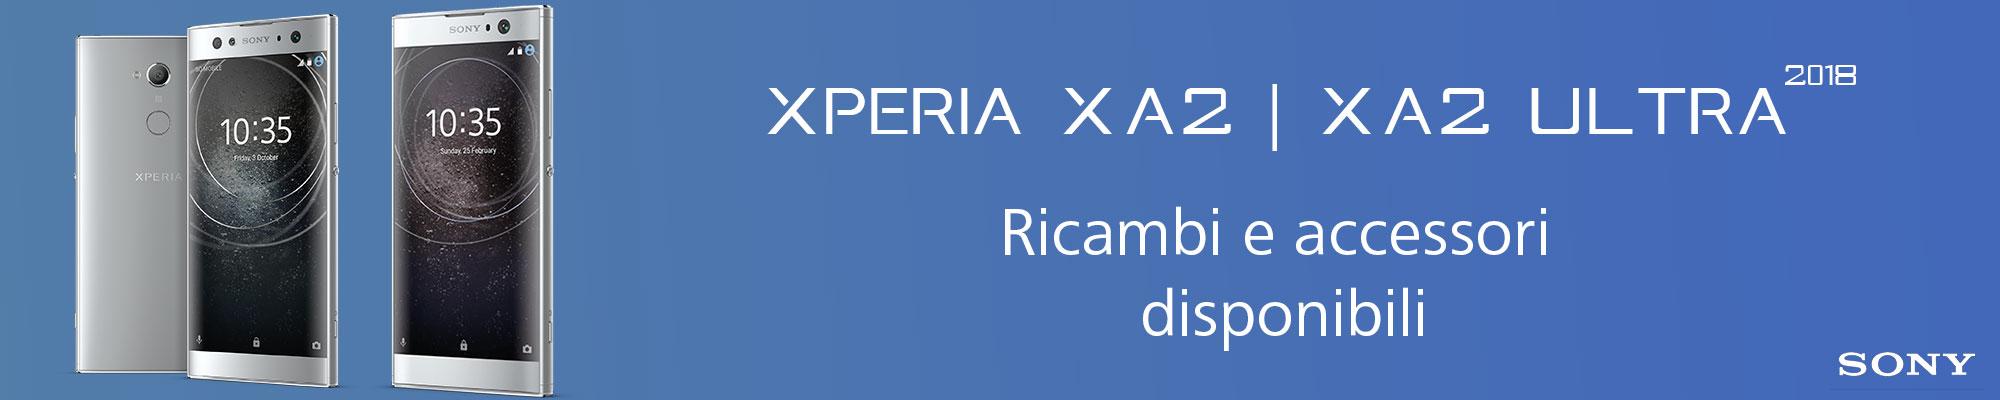 Nuovi pezzi di ricambio e accessori disponibili Sony Xperia XA2, Xperia XA2 Ultra